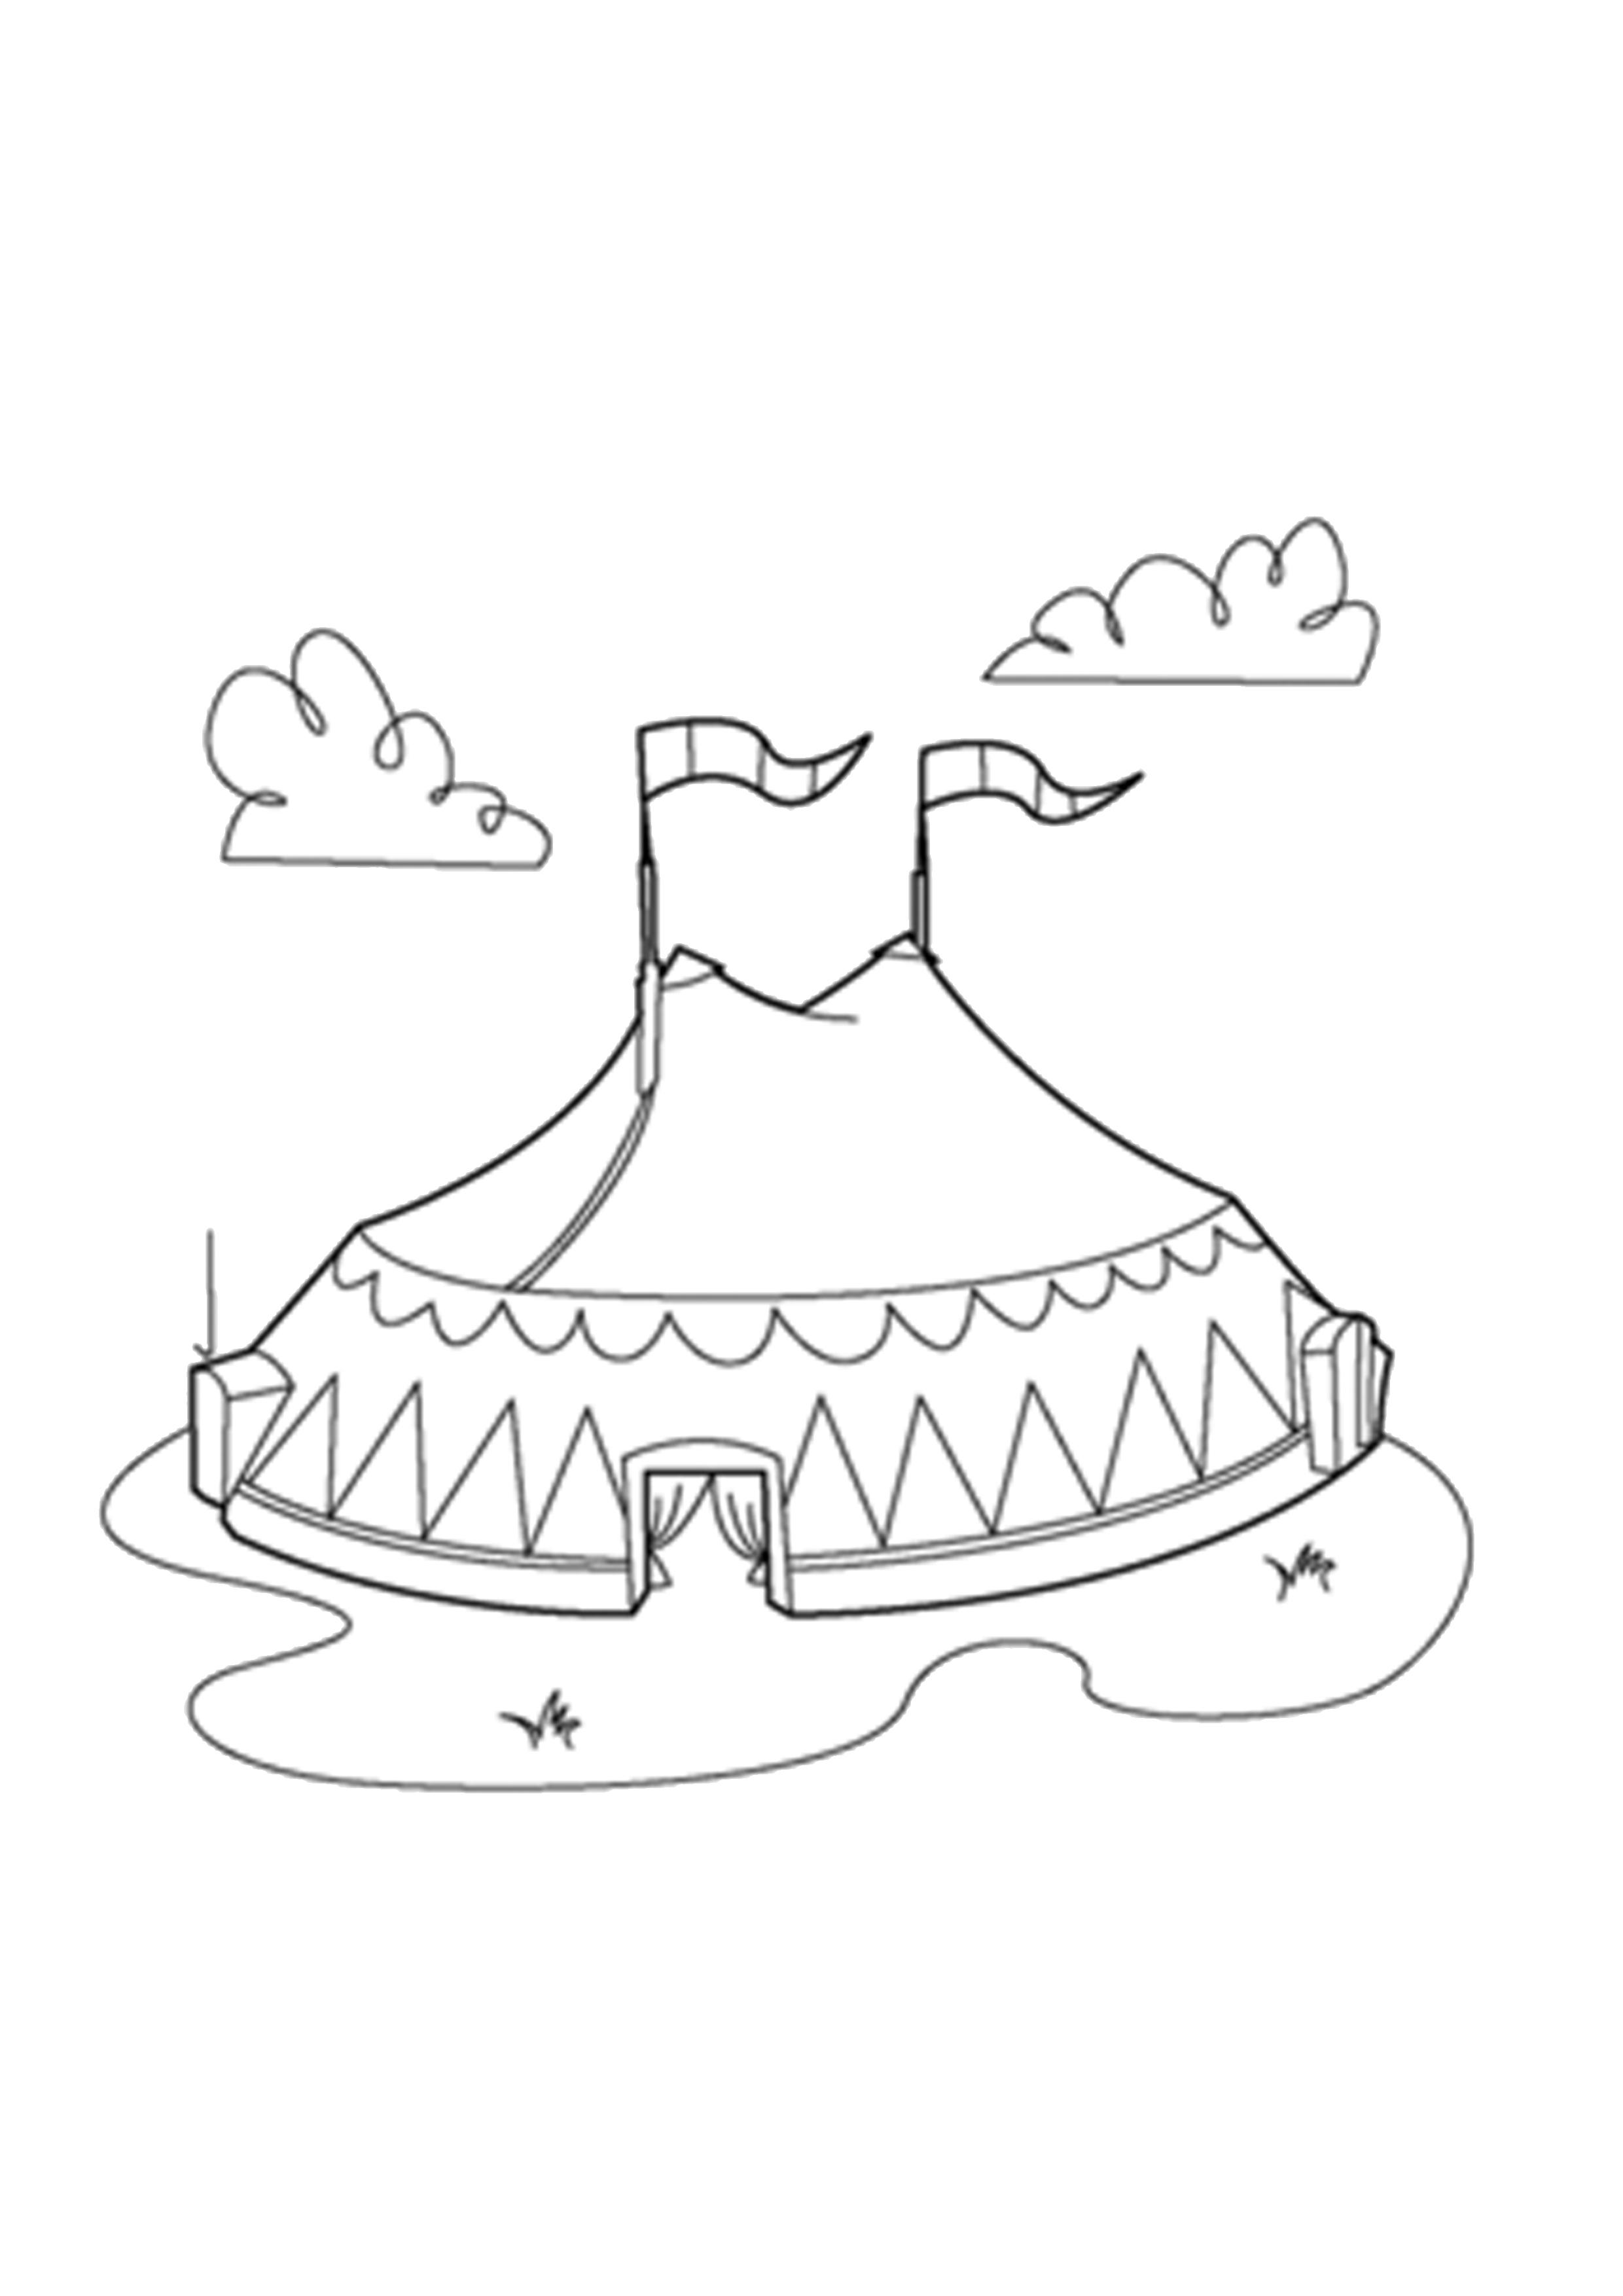 Único Circo Para Colorear Imágenes Elaboración - Dibujos Para ...